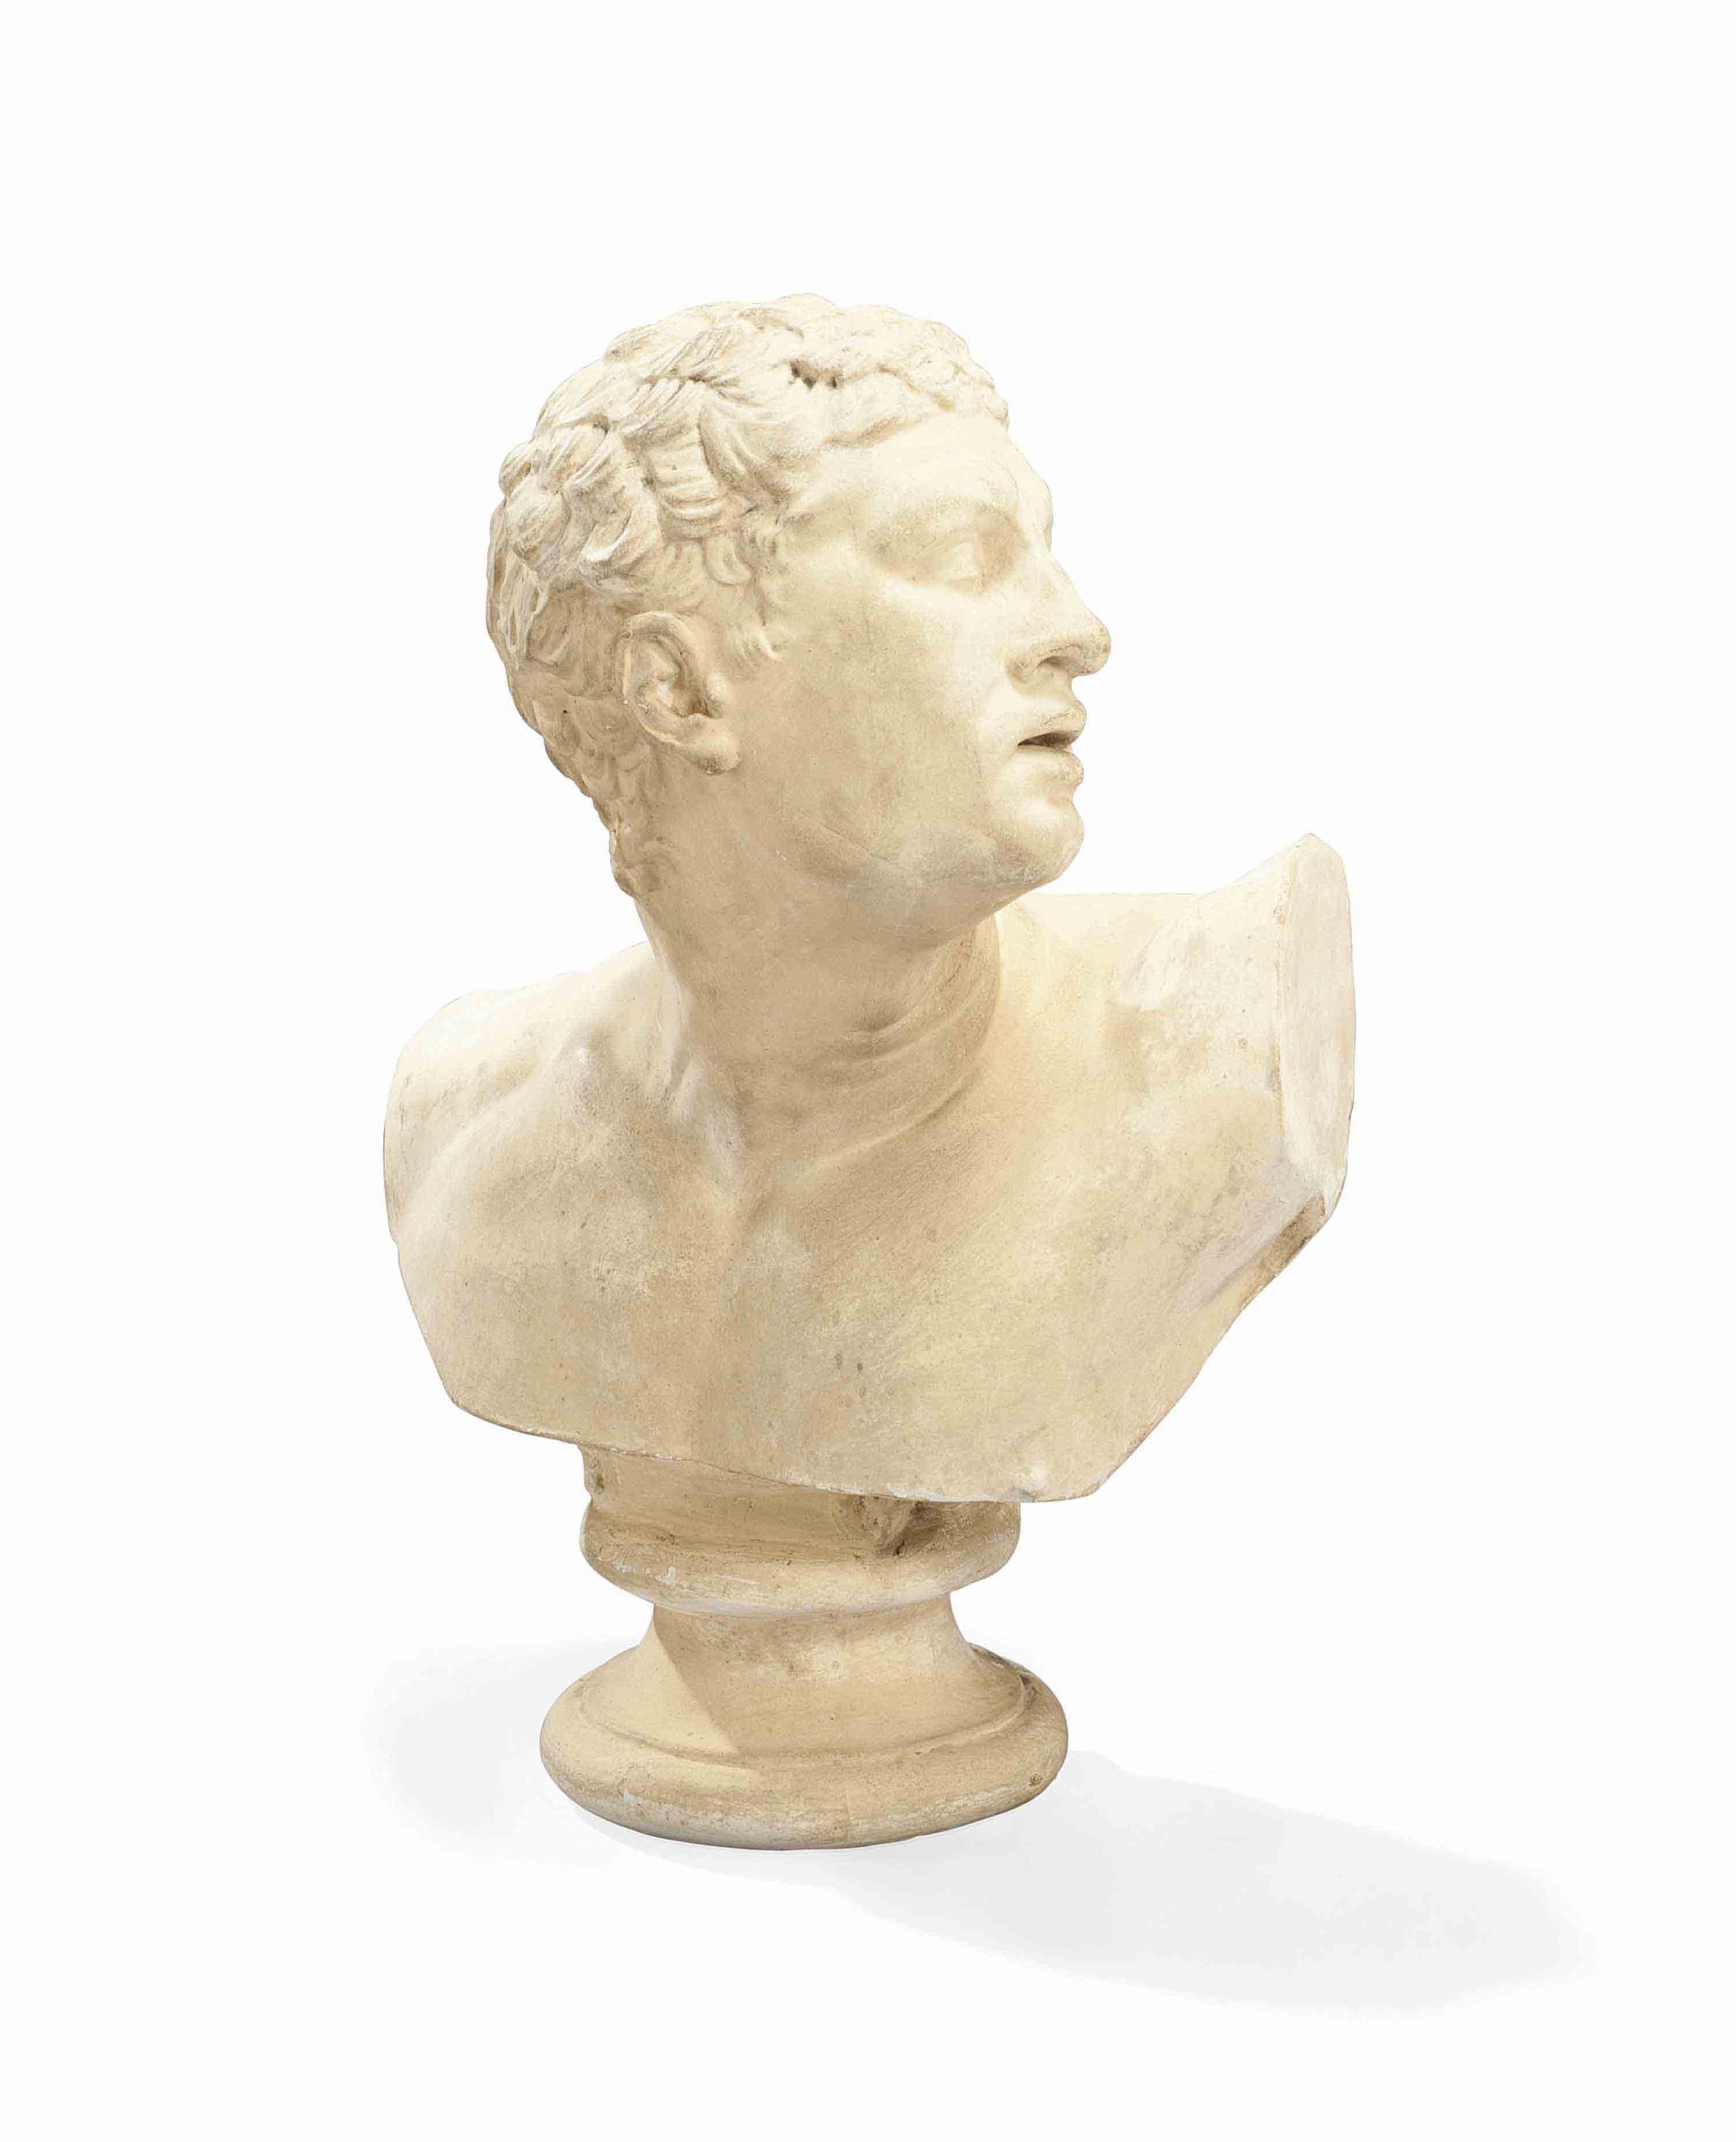 buste en platre representant le gladiateur borghese d 39 apres l 39 antique france xixeme siecle. Black Bedroom Furniture Sets. Home Design Ideas